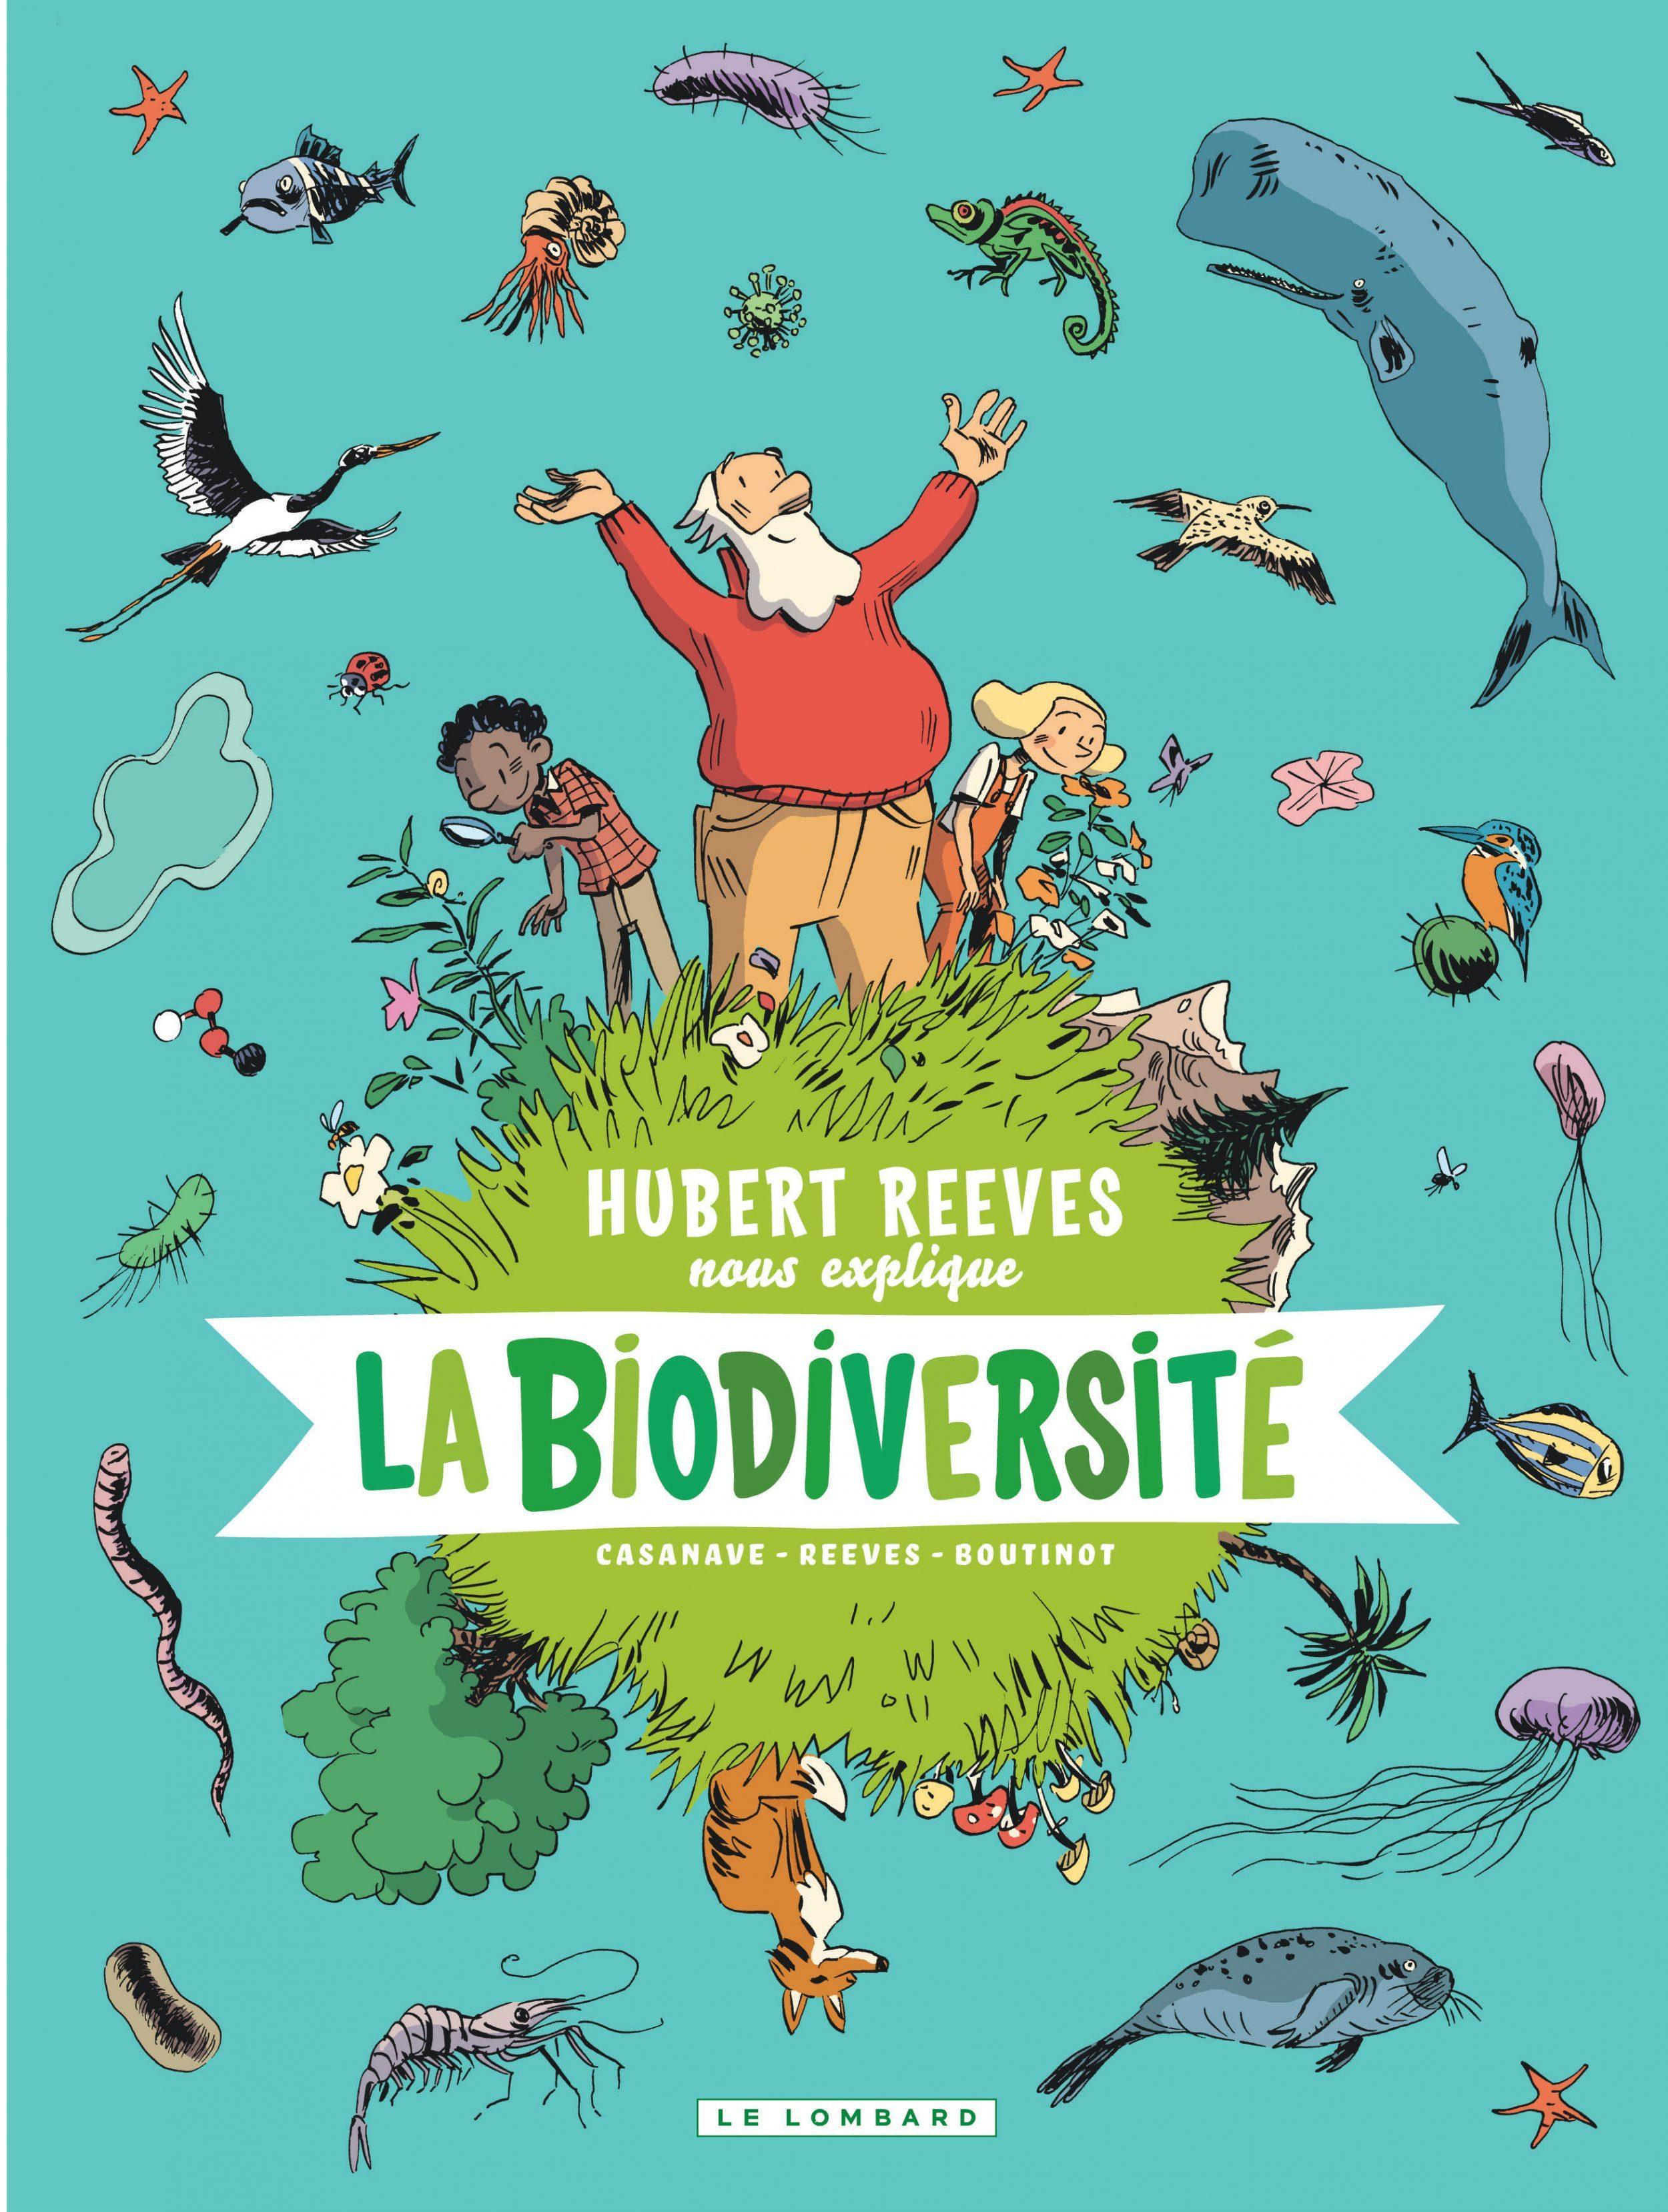 Lecture-Biodiversite-cover